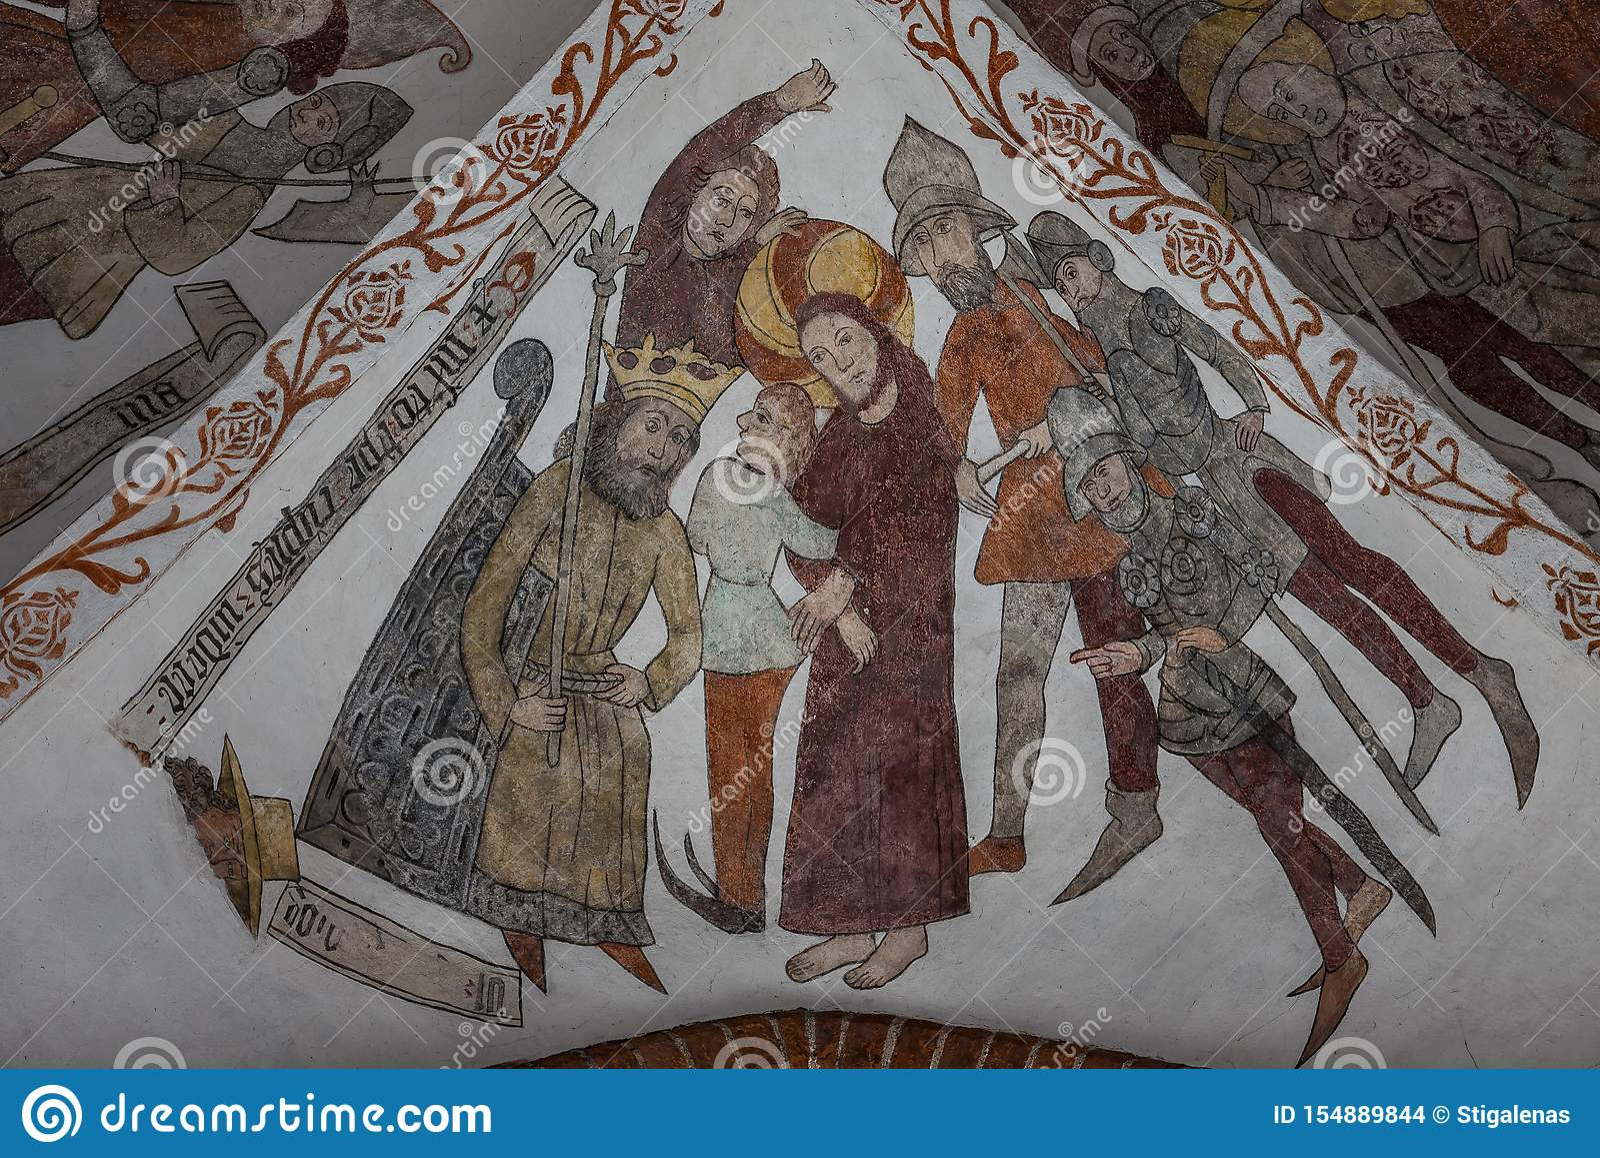 Jesus na corte de Herod, um fresco medieval